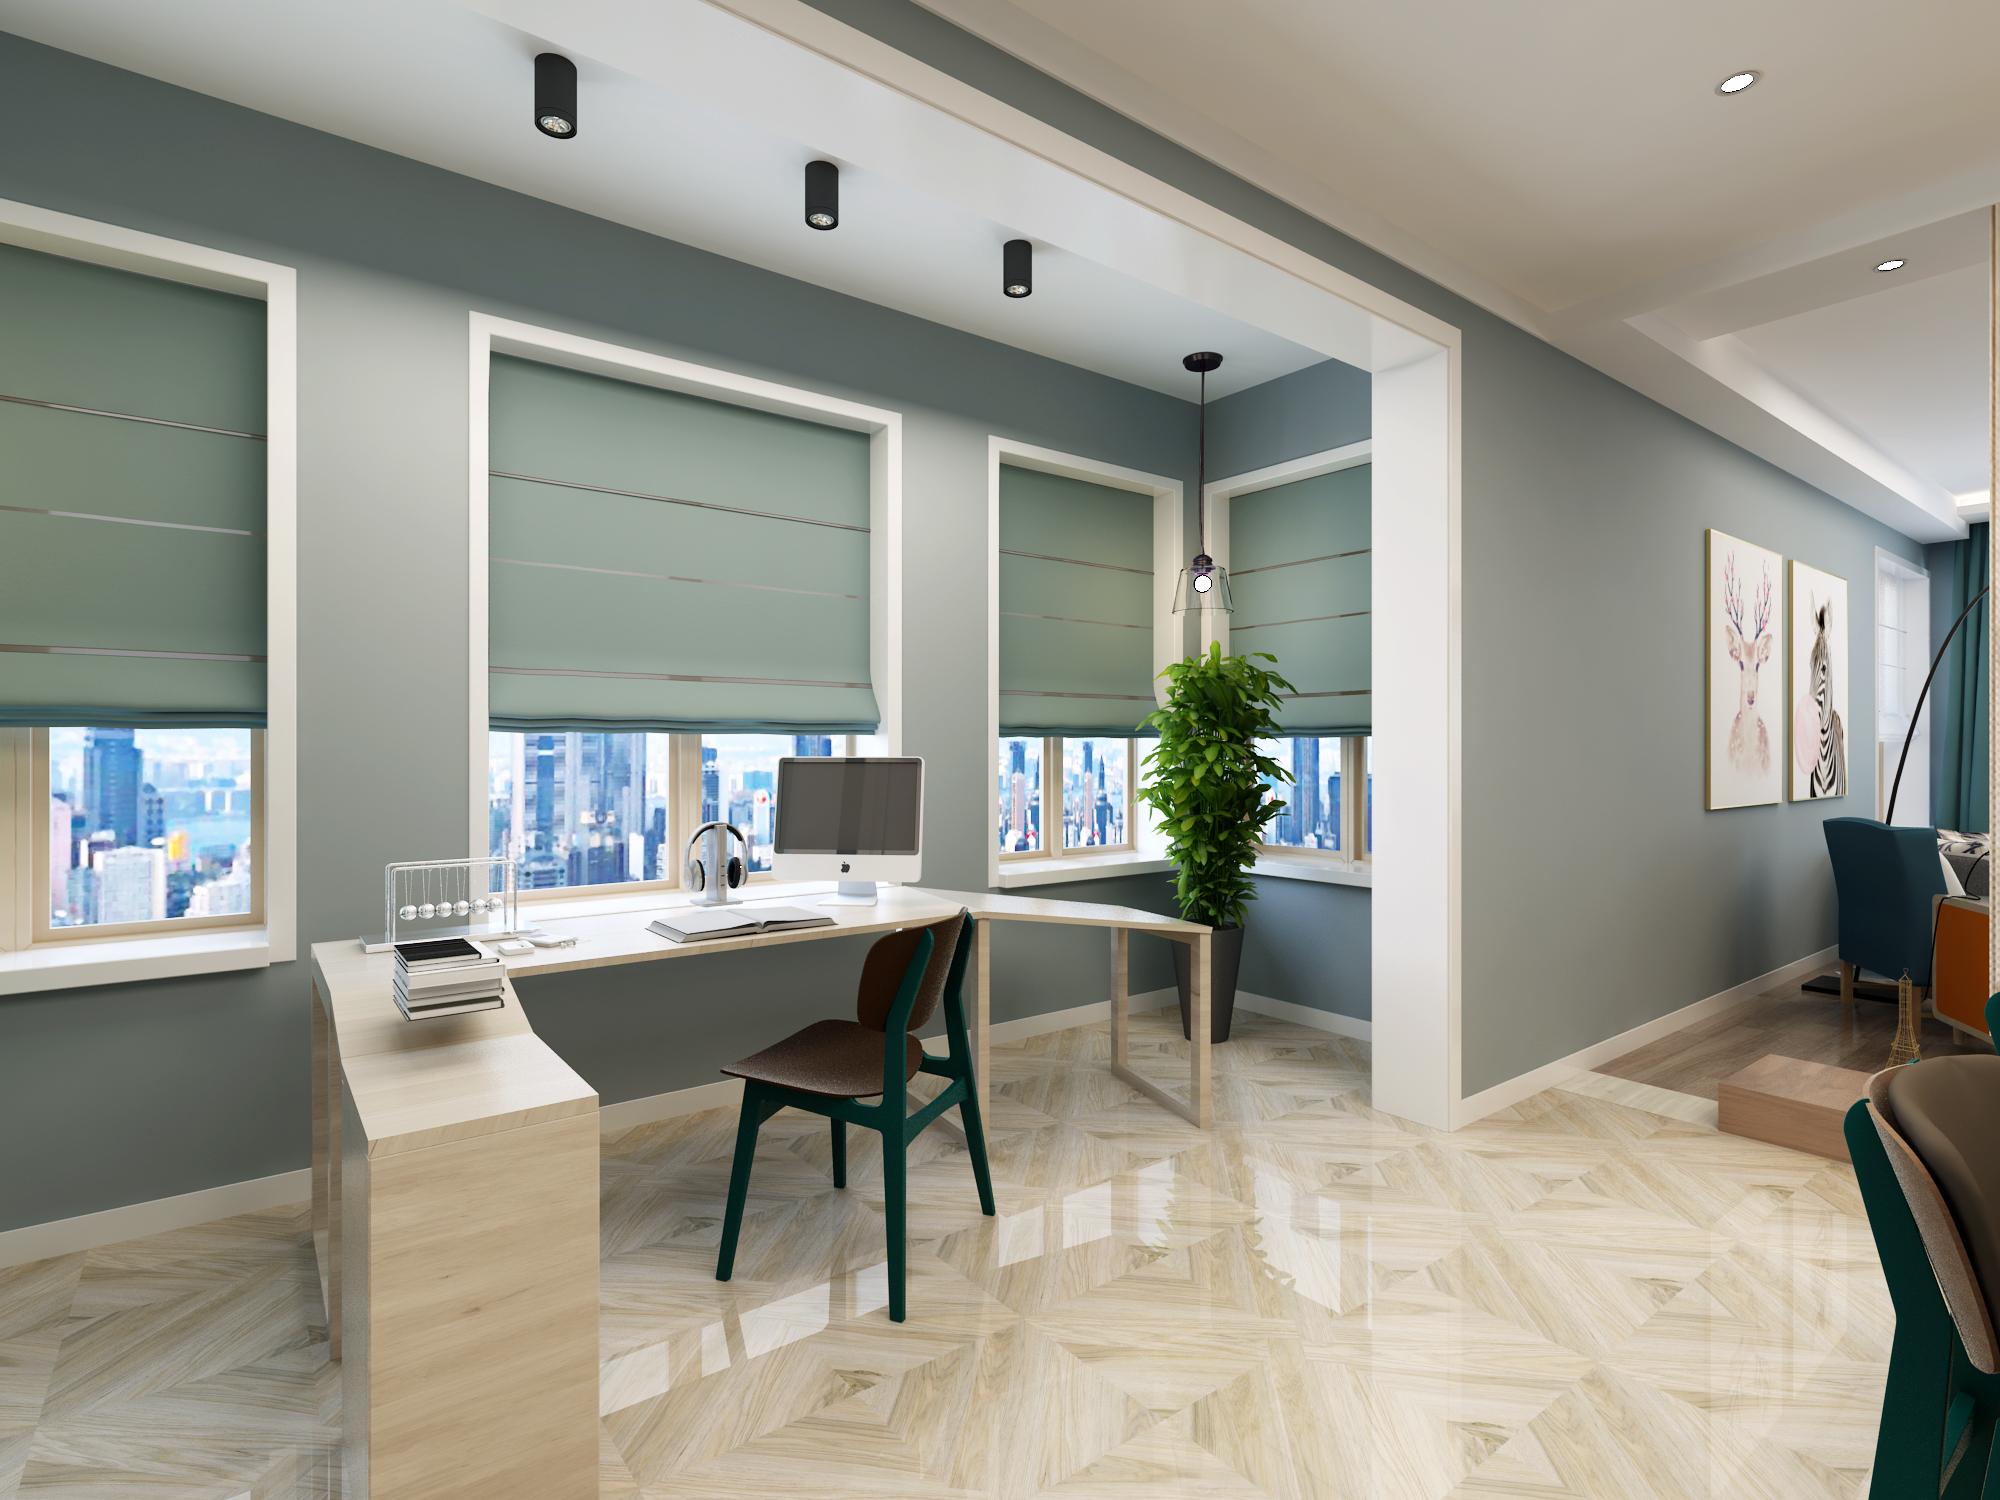 二居室北欧风格阳台工作区装修效果图